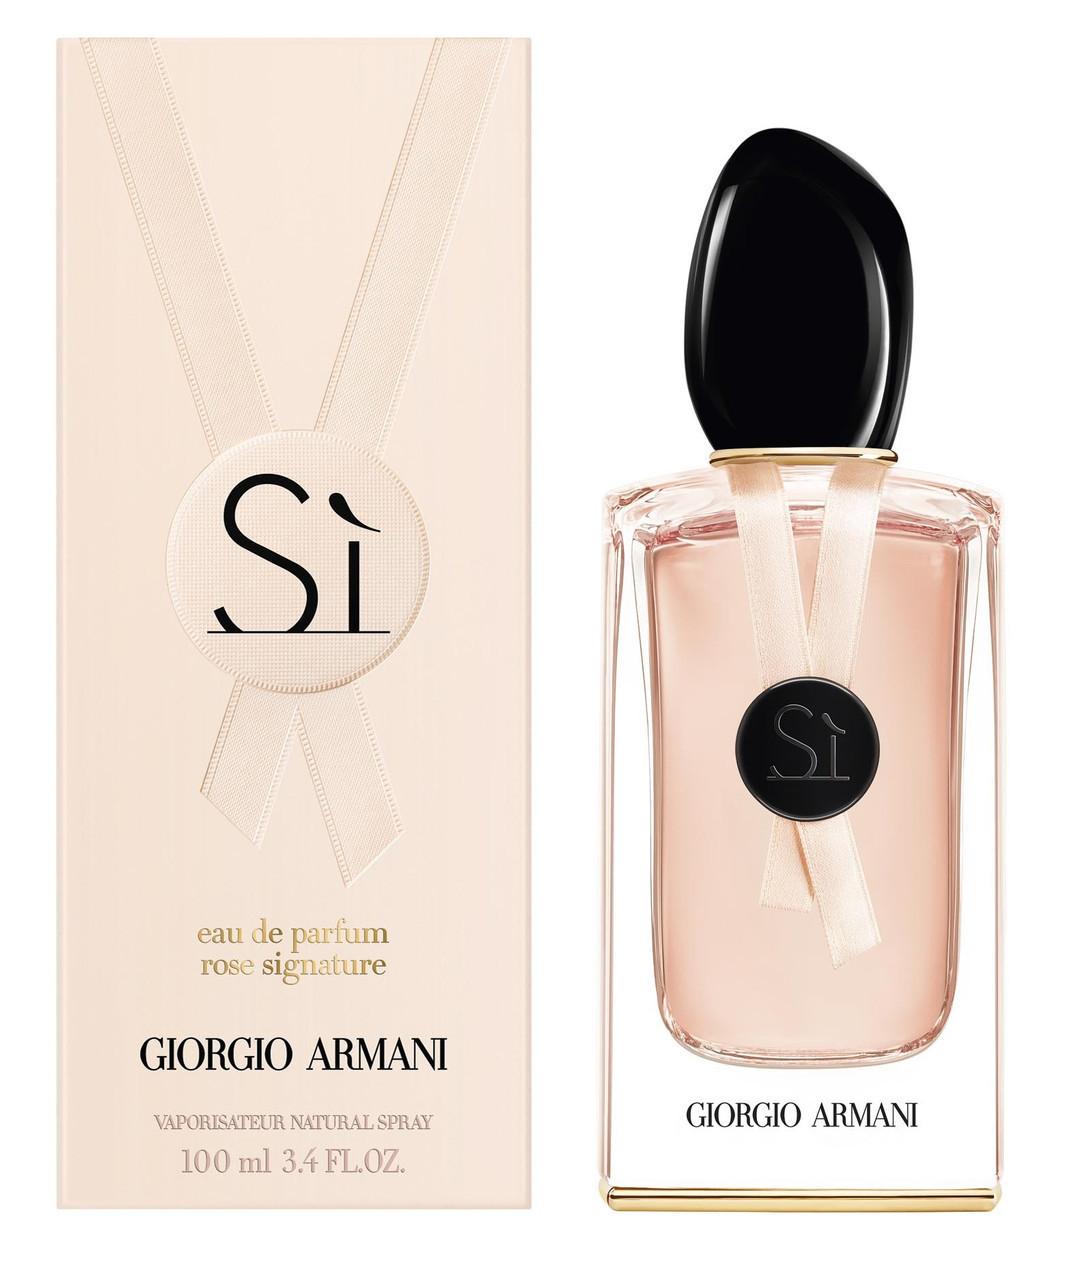 Женская парфюмированная вода Giorgio Armani Si Rose Signature II Eau de Parfum, фото 1